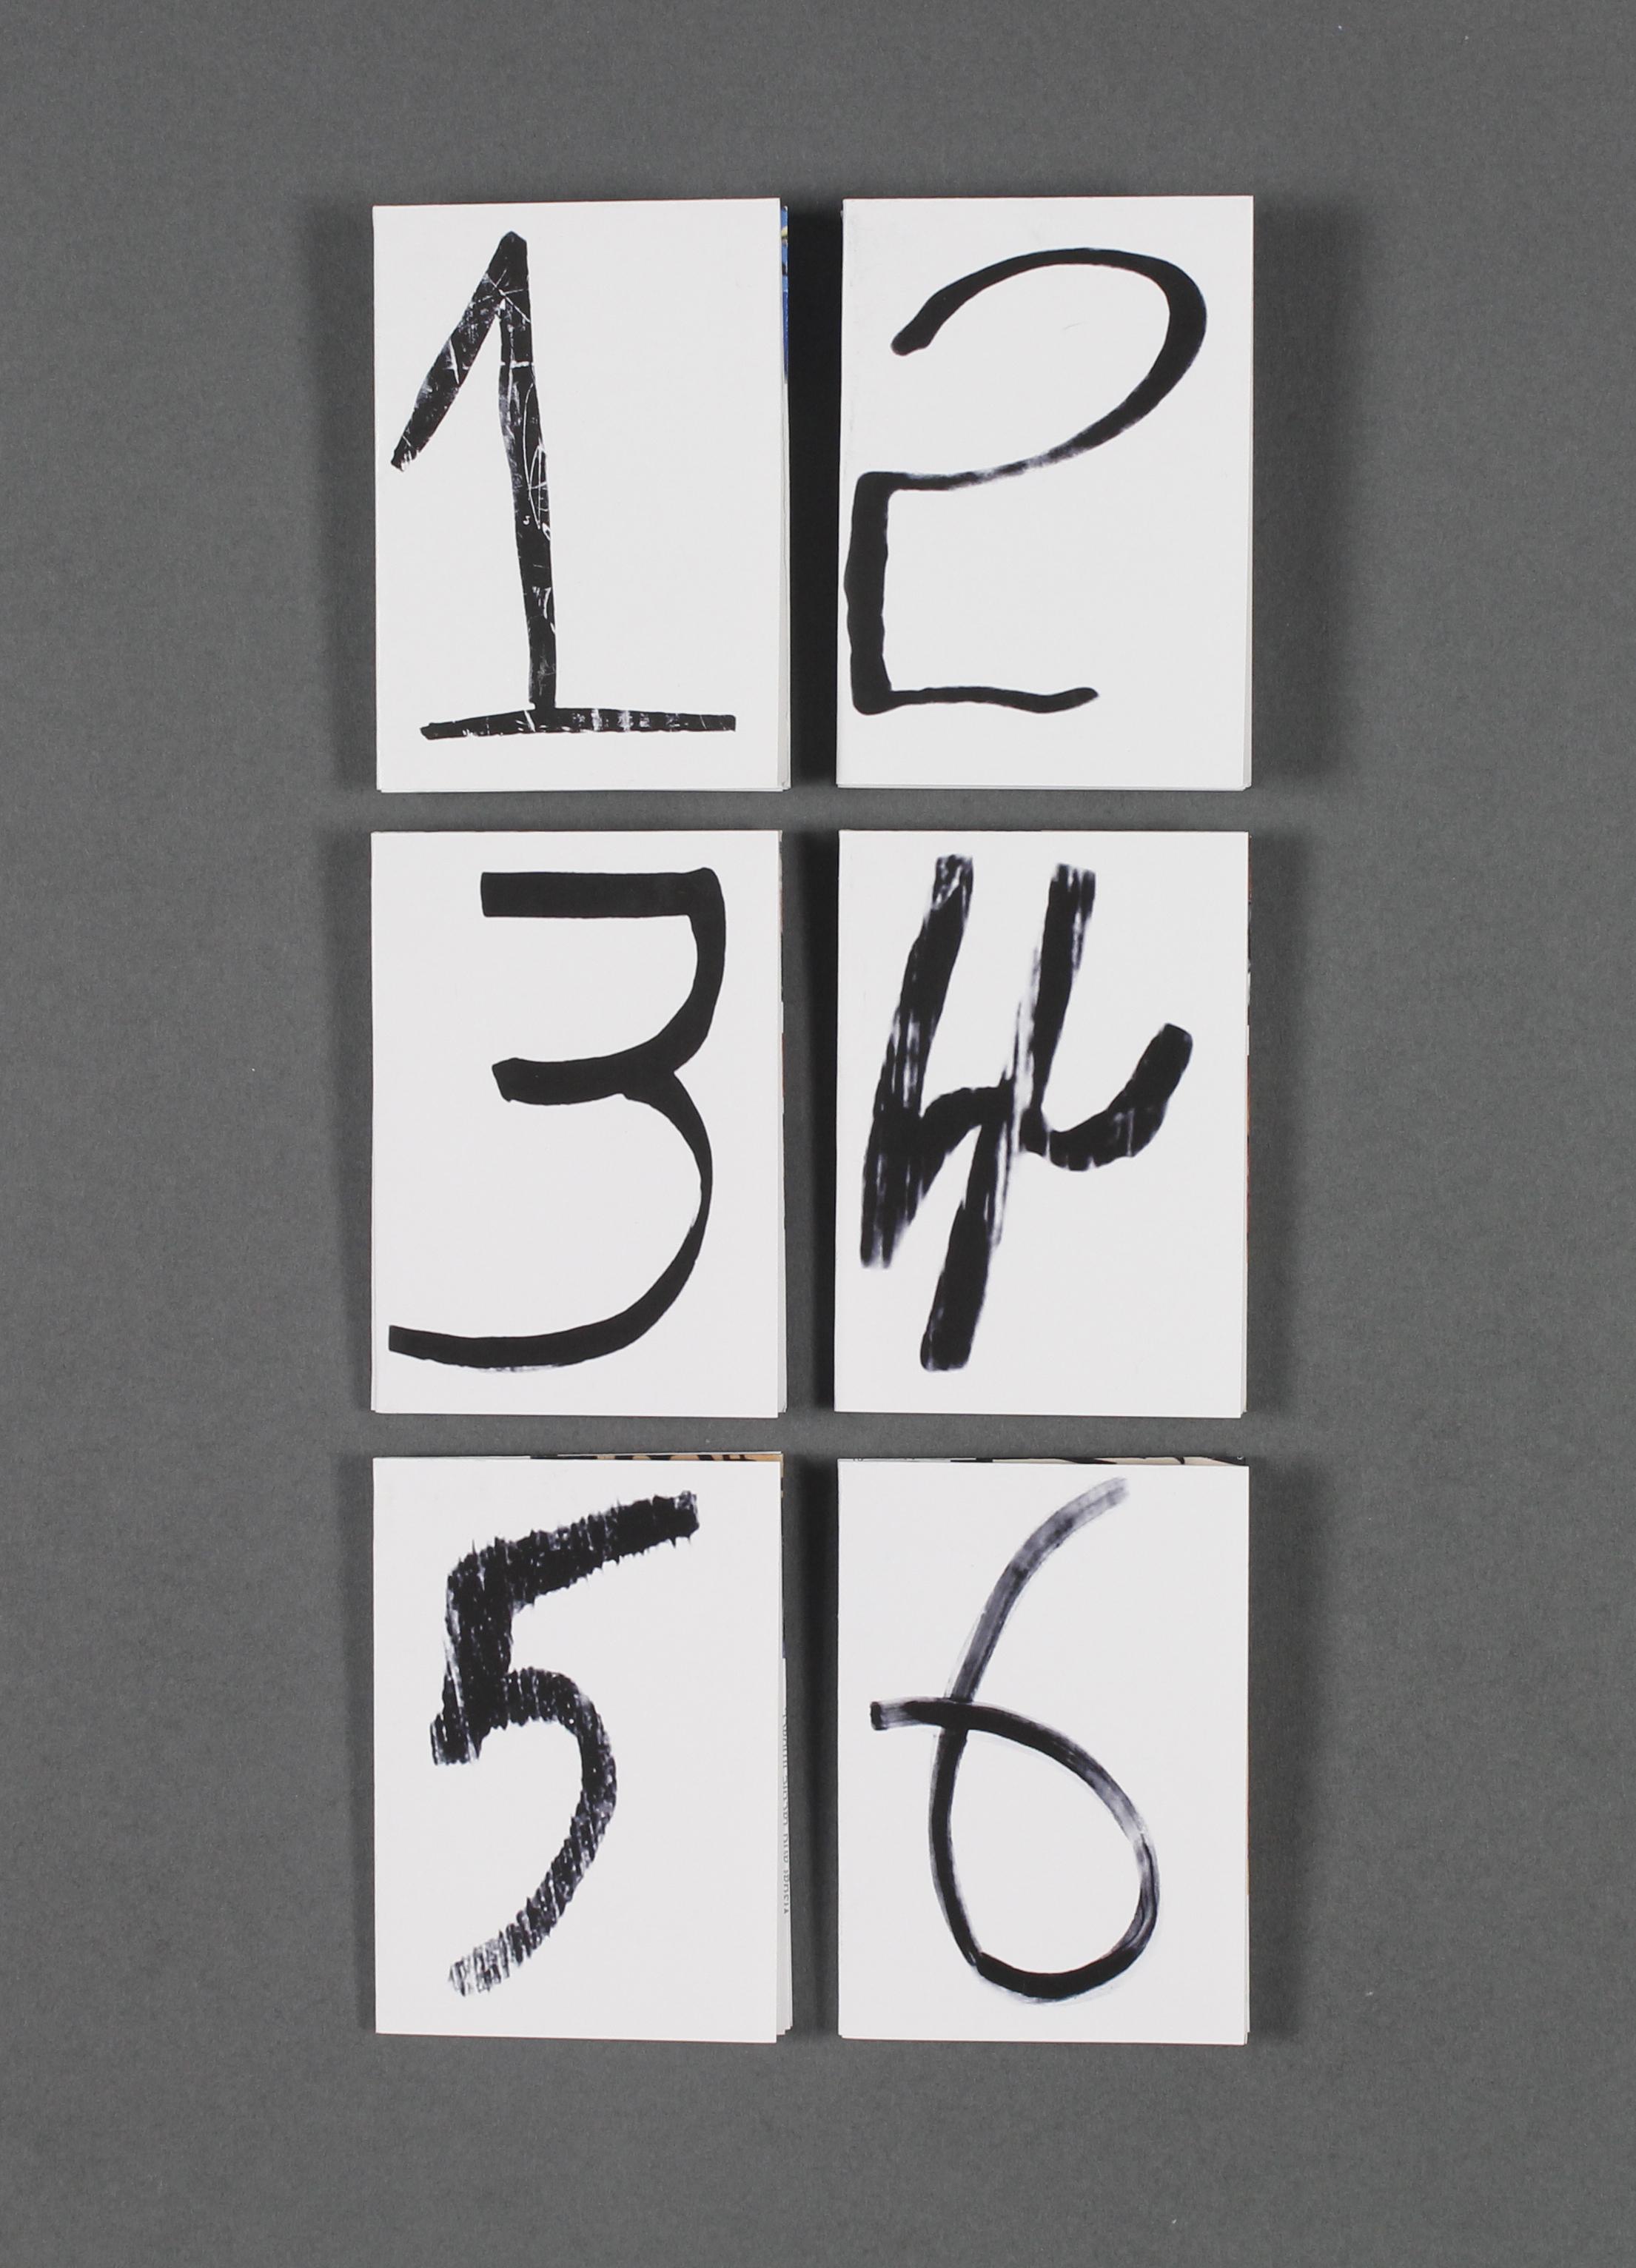 tet1.jpg